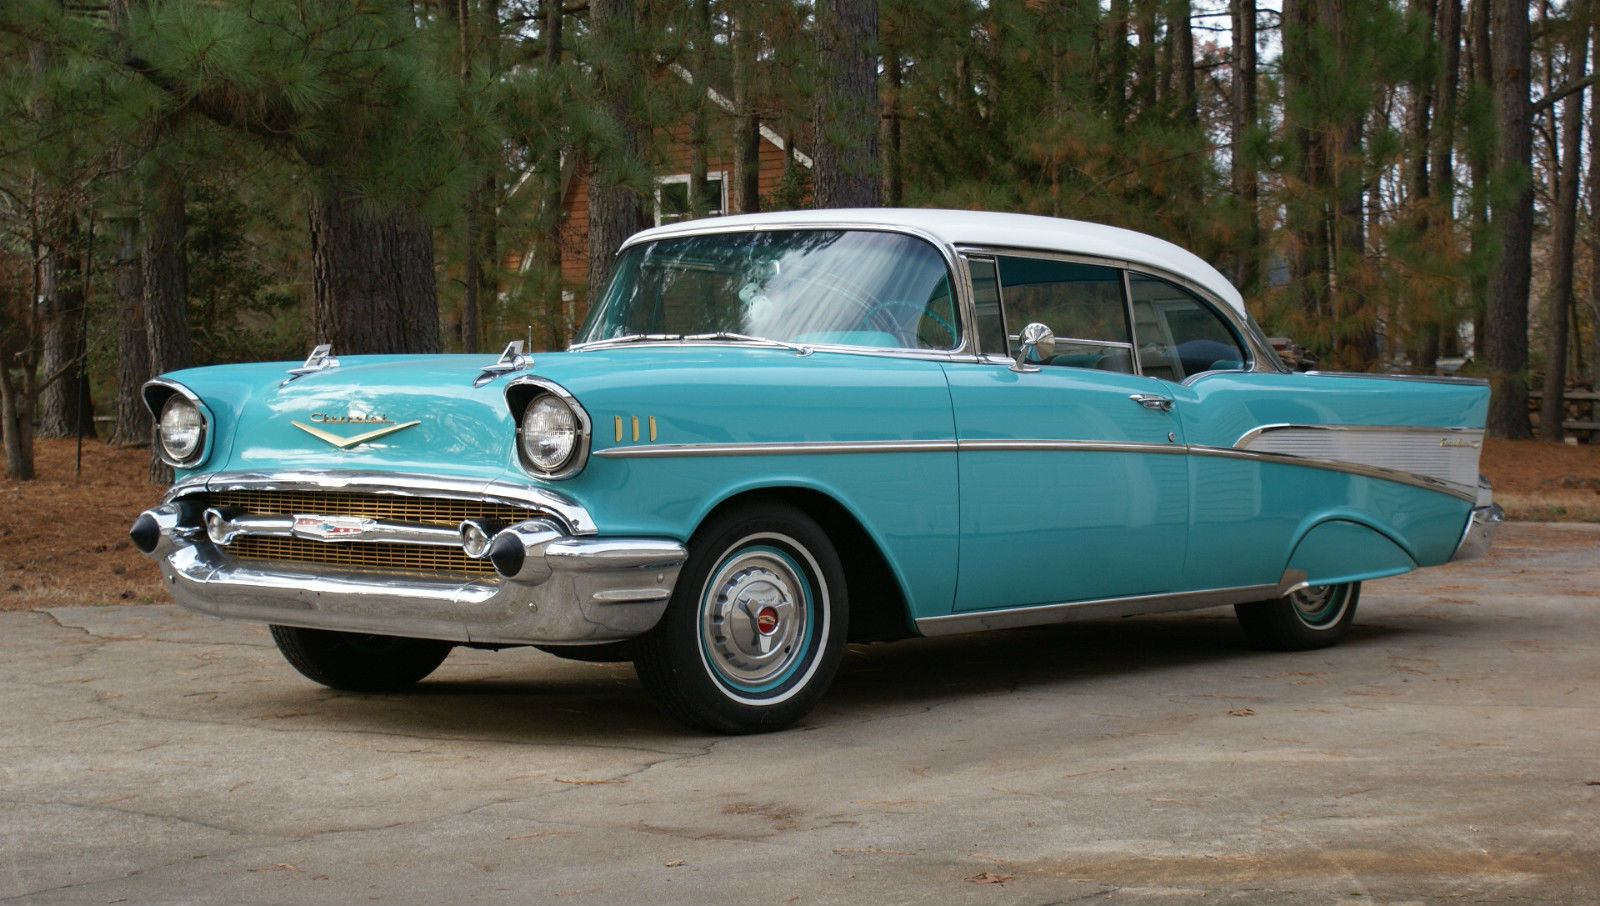 Chevrolet Bel Air 150 210 2 Door Hardtop 1957 Chevy Prevnext